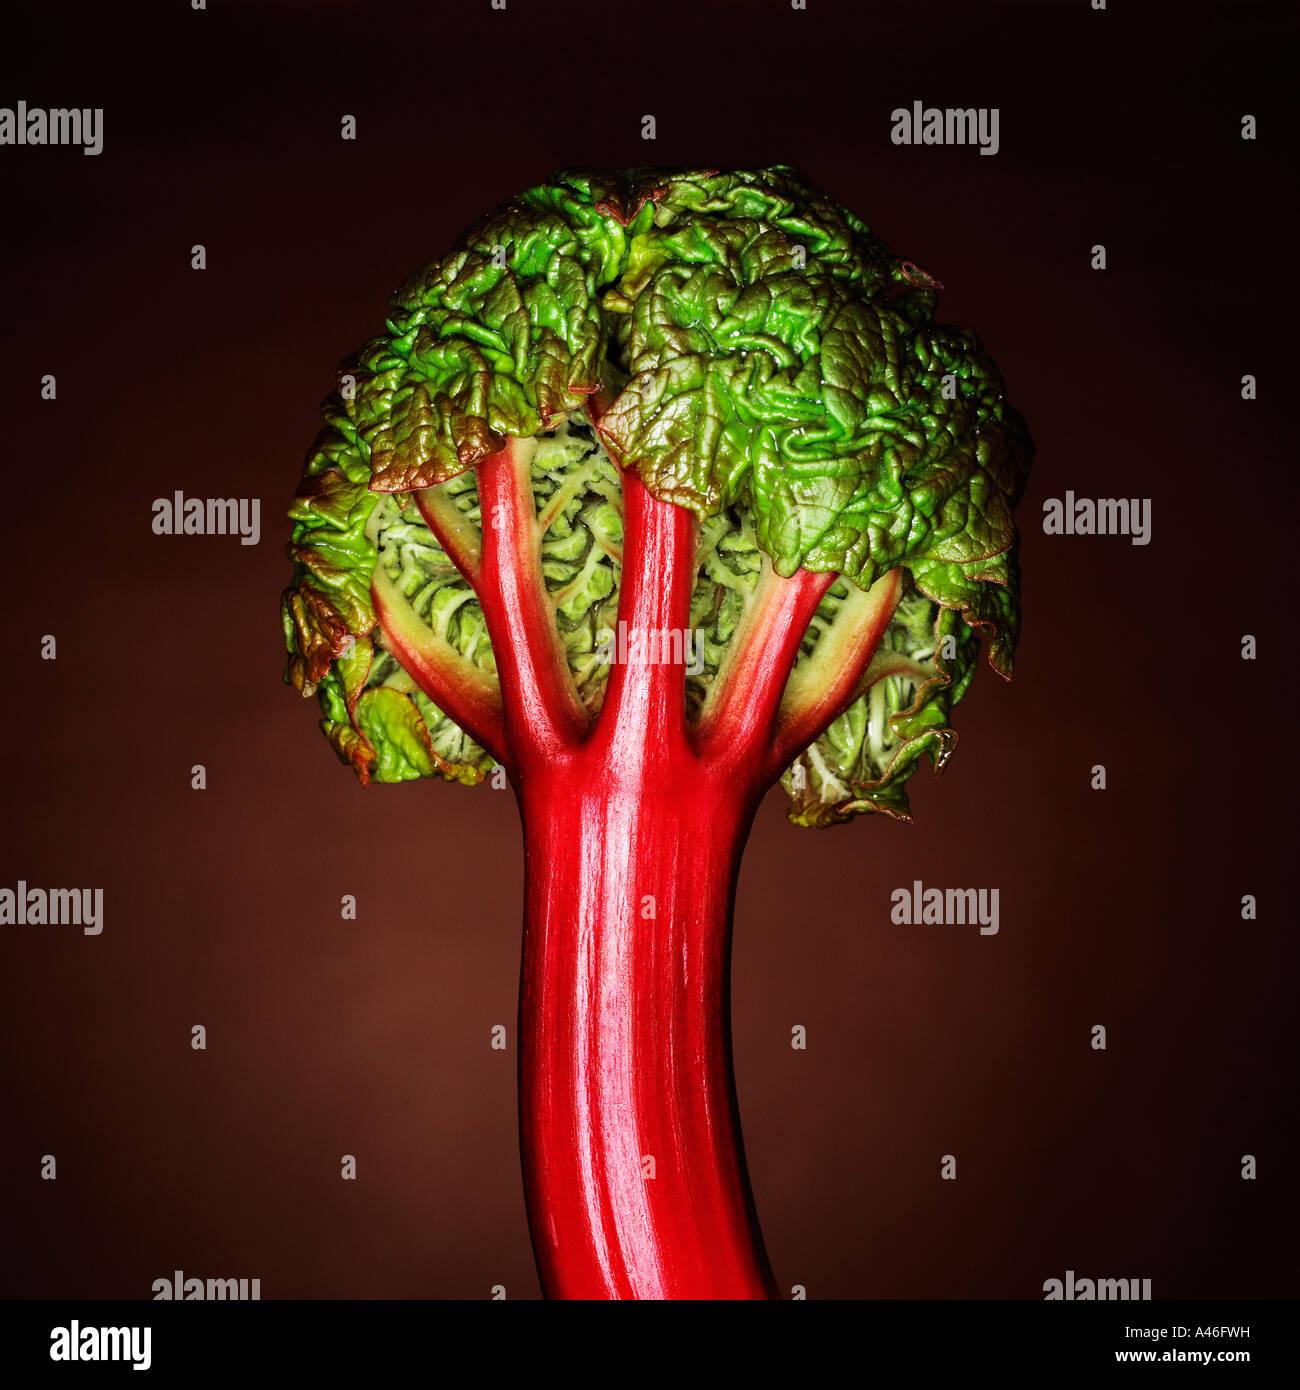 La vue arrière de jeune pousse d'arbre comme à la rhubarbe Photo Stock